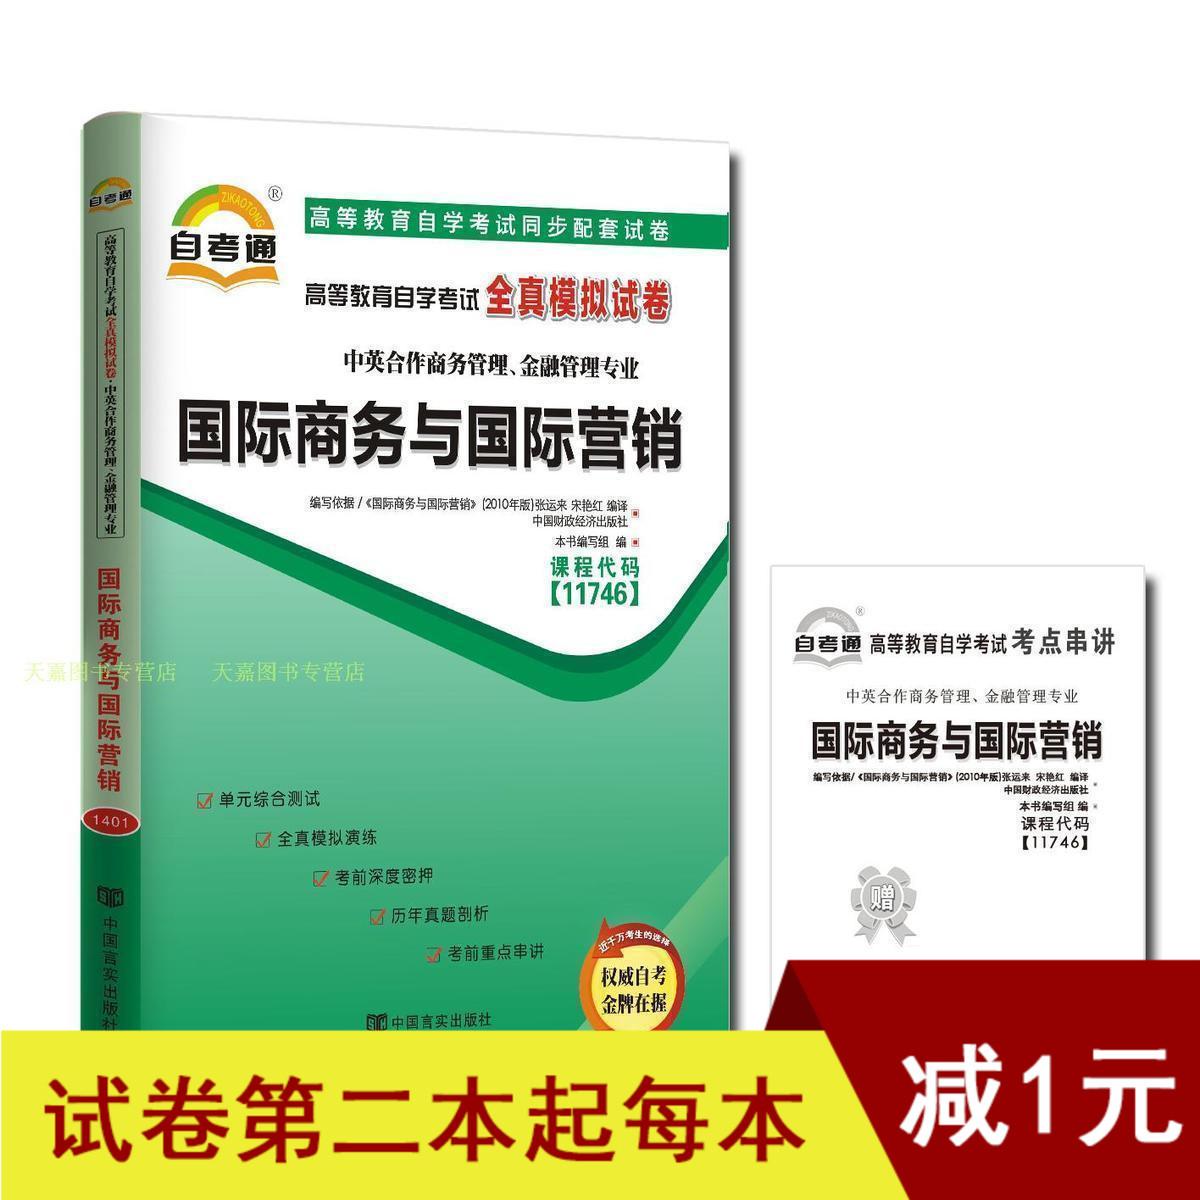 正版 自考通 试卷 国际商务与国际营销 代码 11746 中英合作专业 高等教育自学考试全真模拟试卷国际商务与国际营销